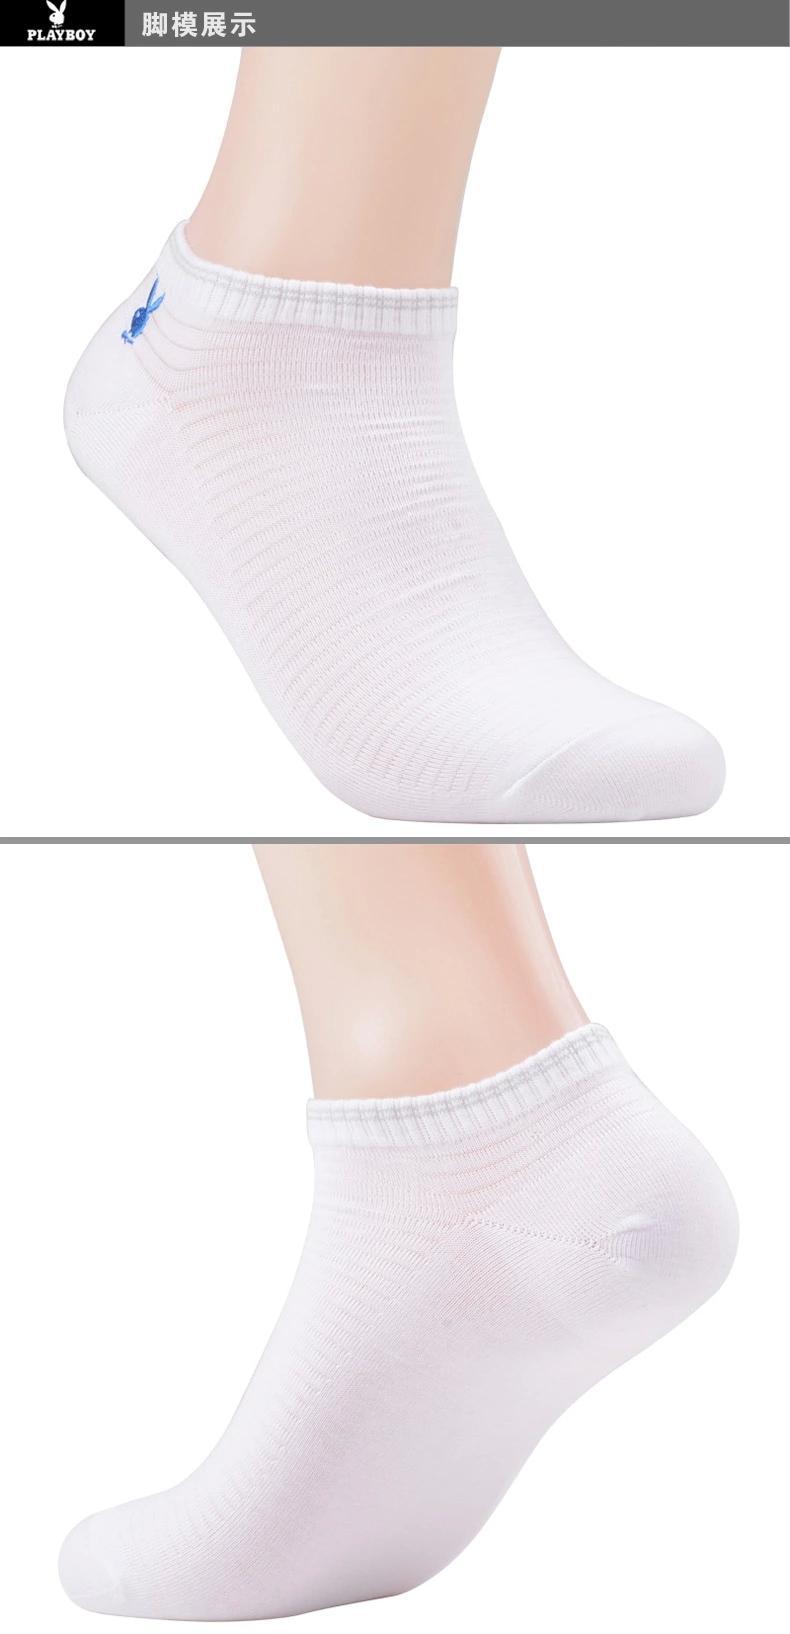 新款 花花公子 男士短袜 白色 时尚短袜子 干爽透气防臭WX09图片